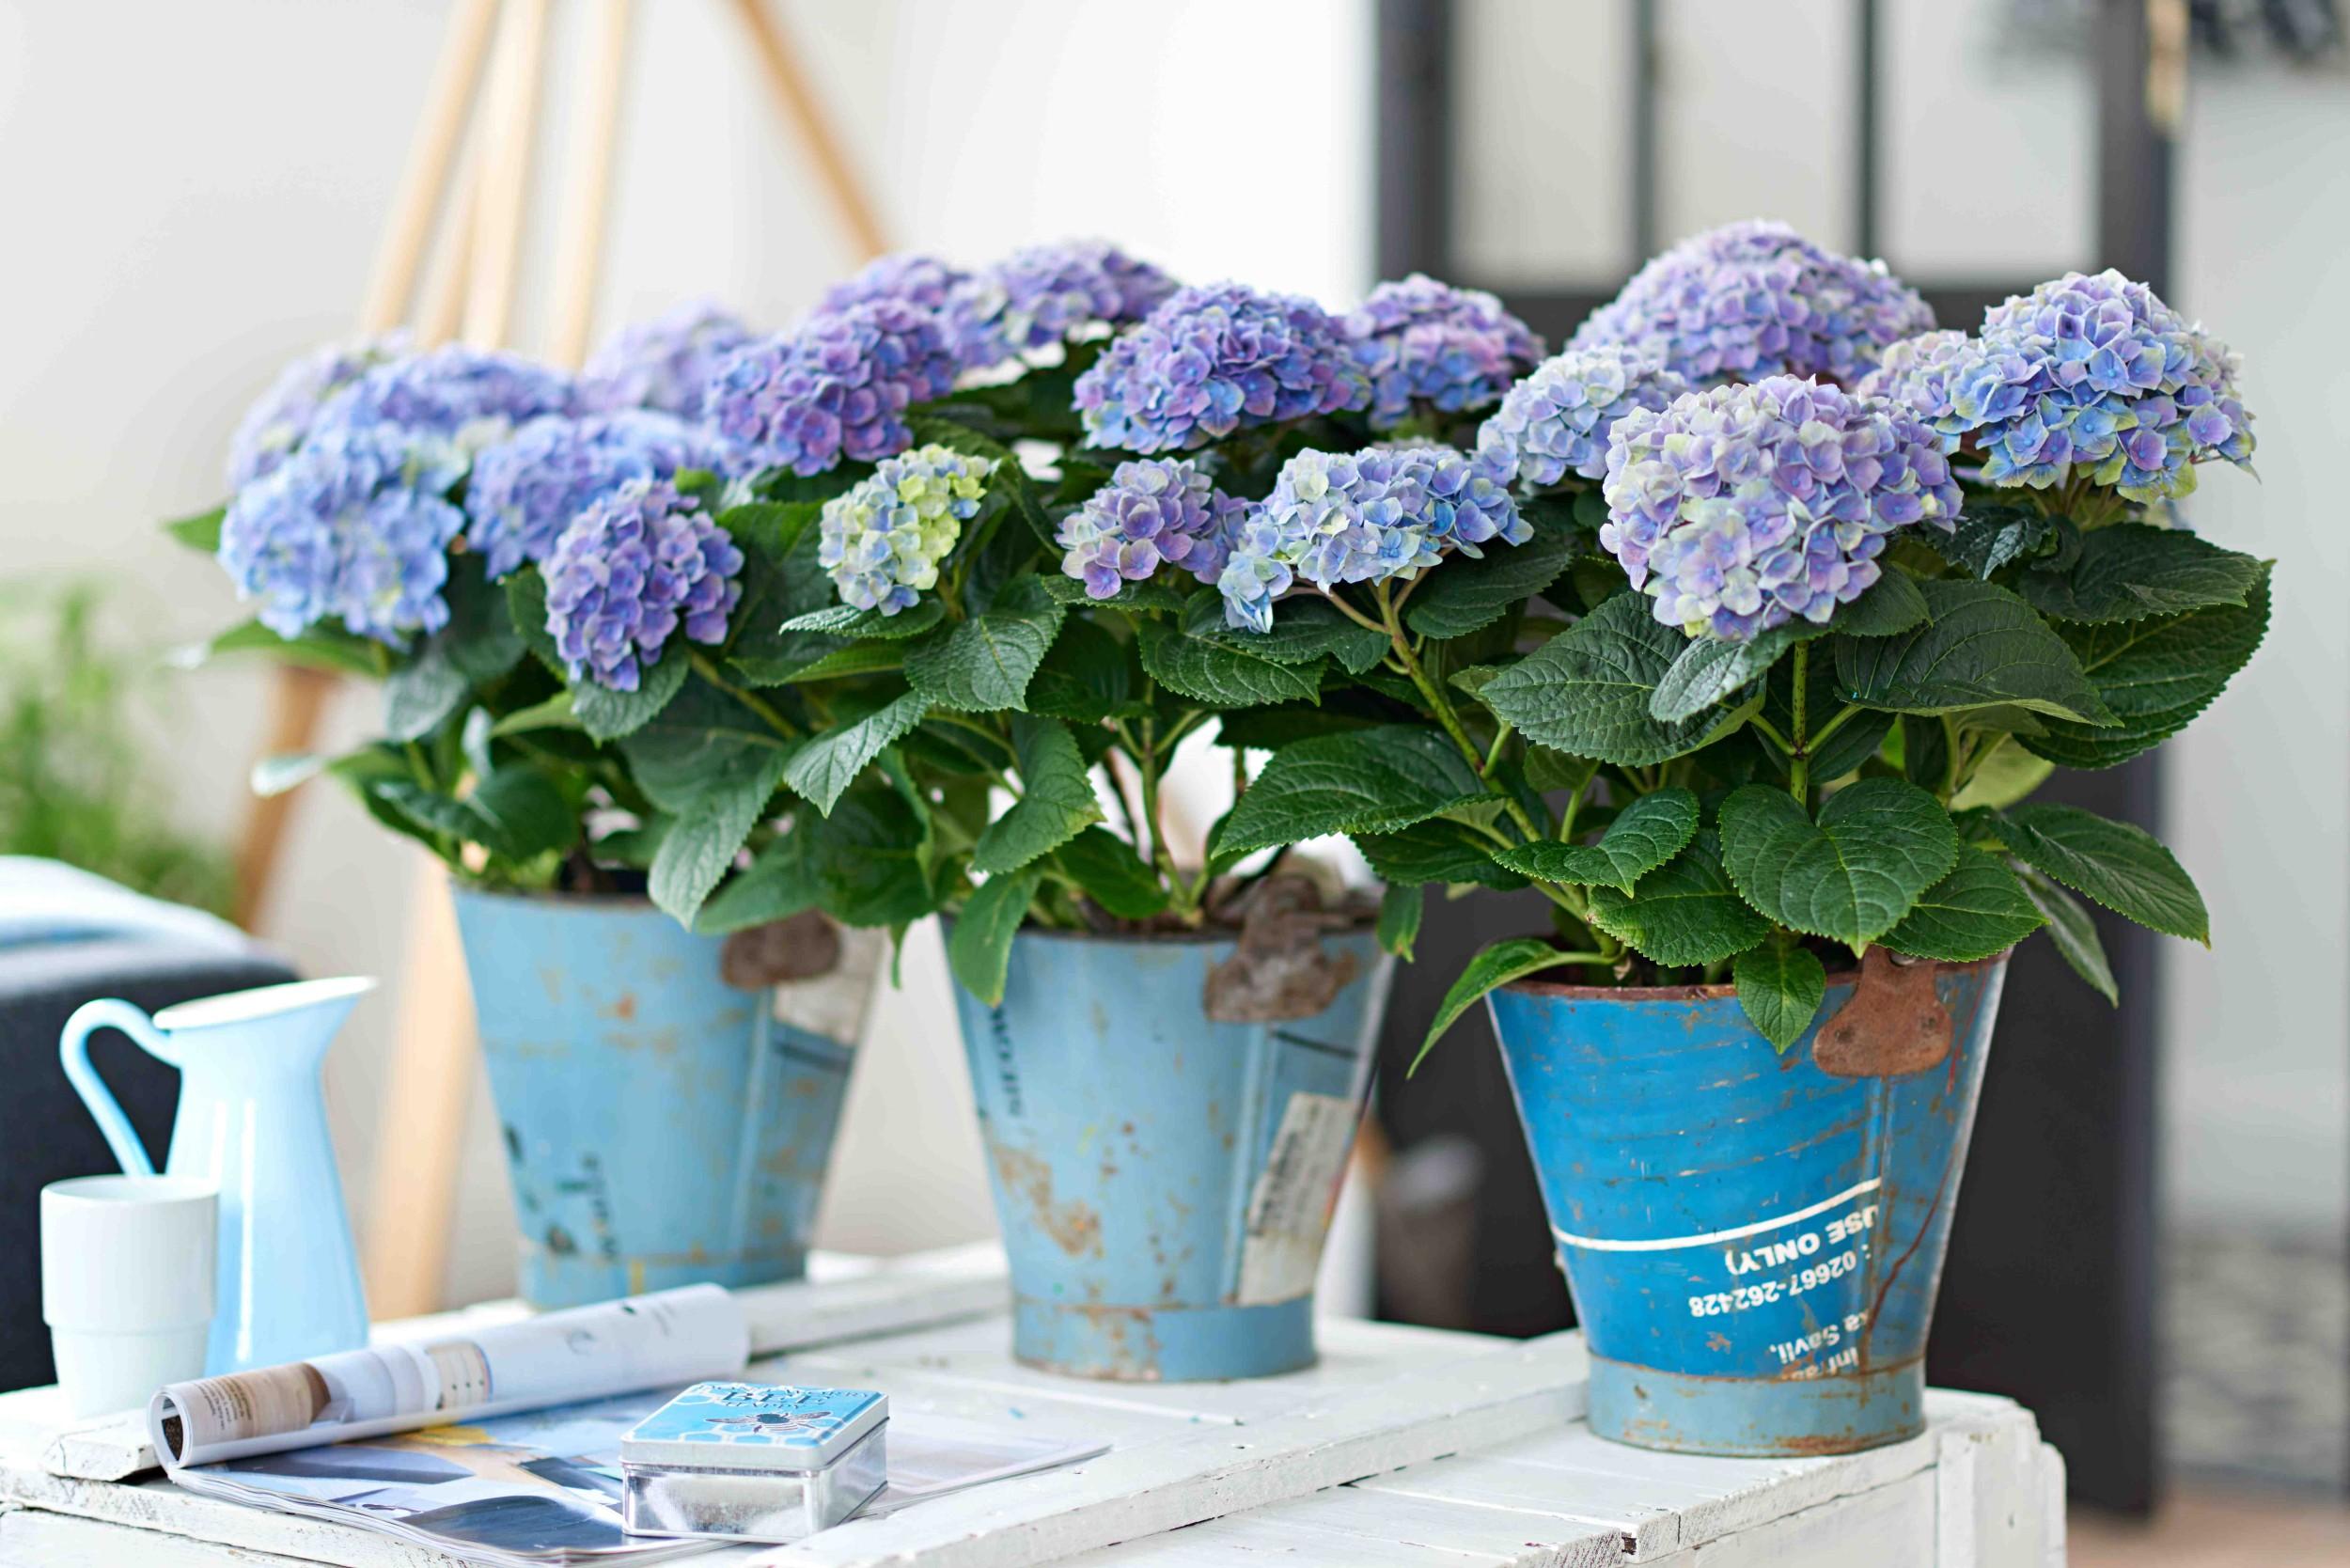 Des hortensias pour votre int rieur caroline munoz - Terre pour hortensia bleu ...